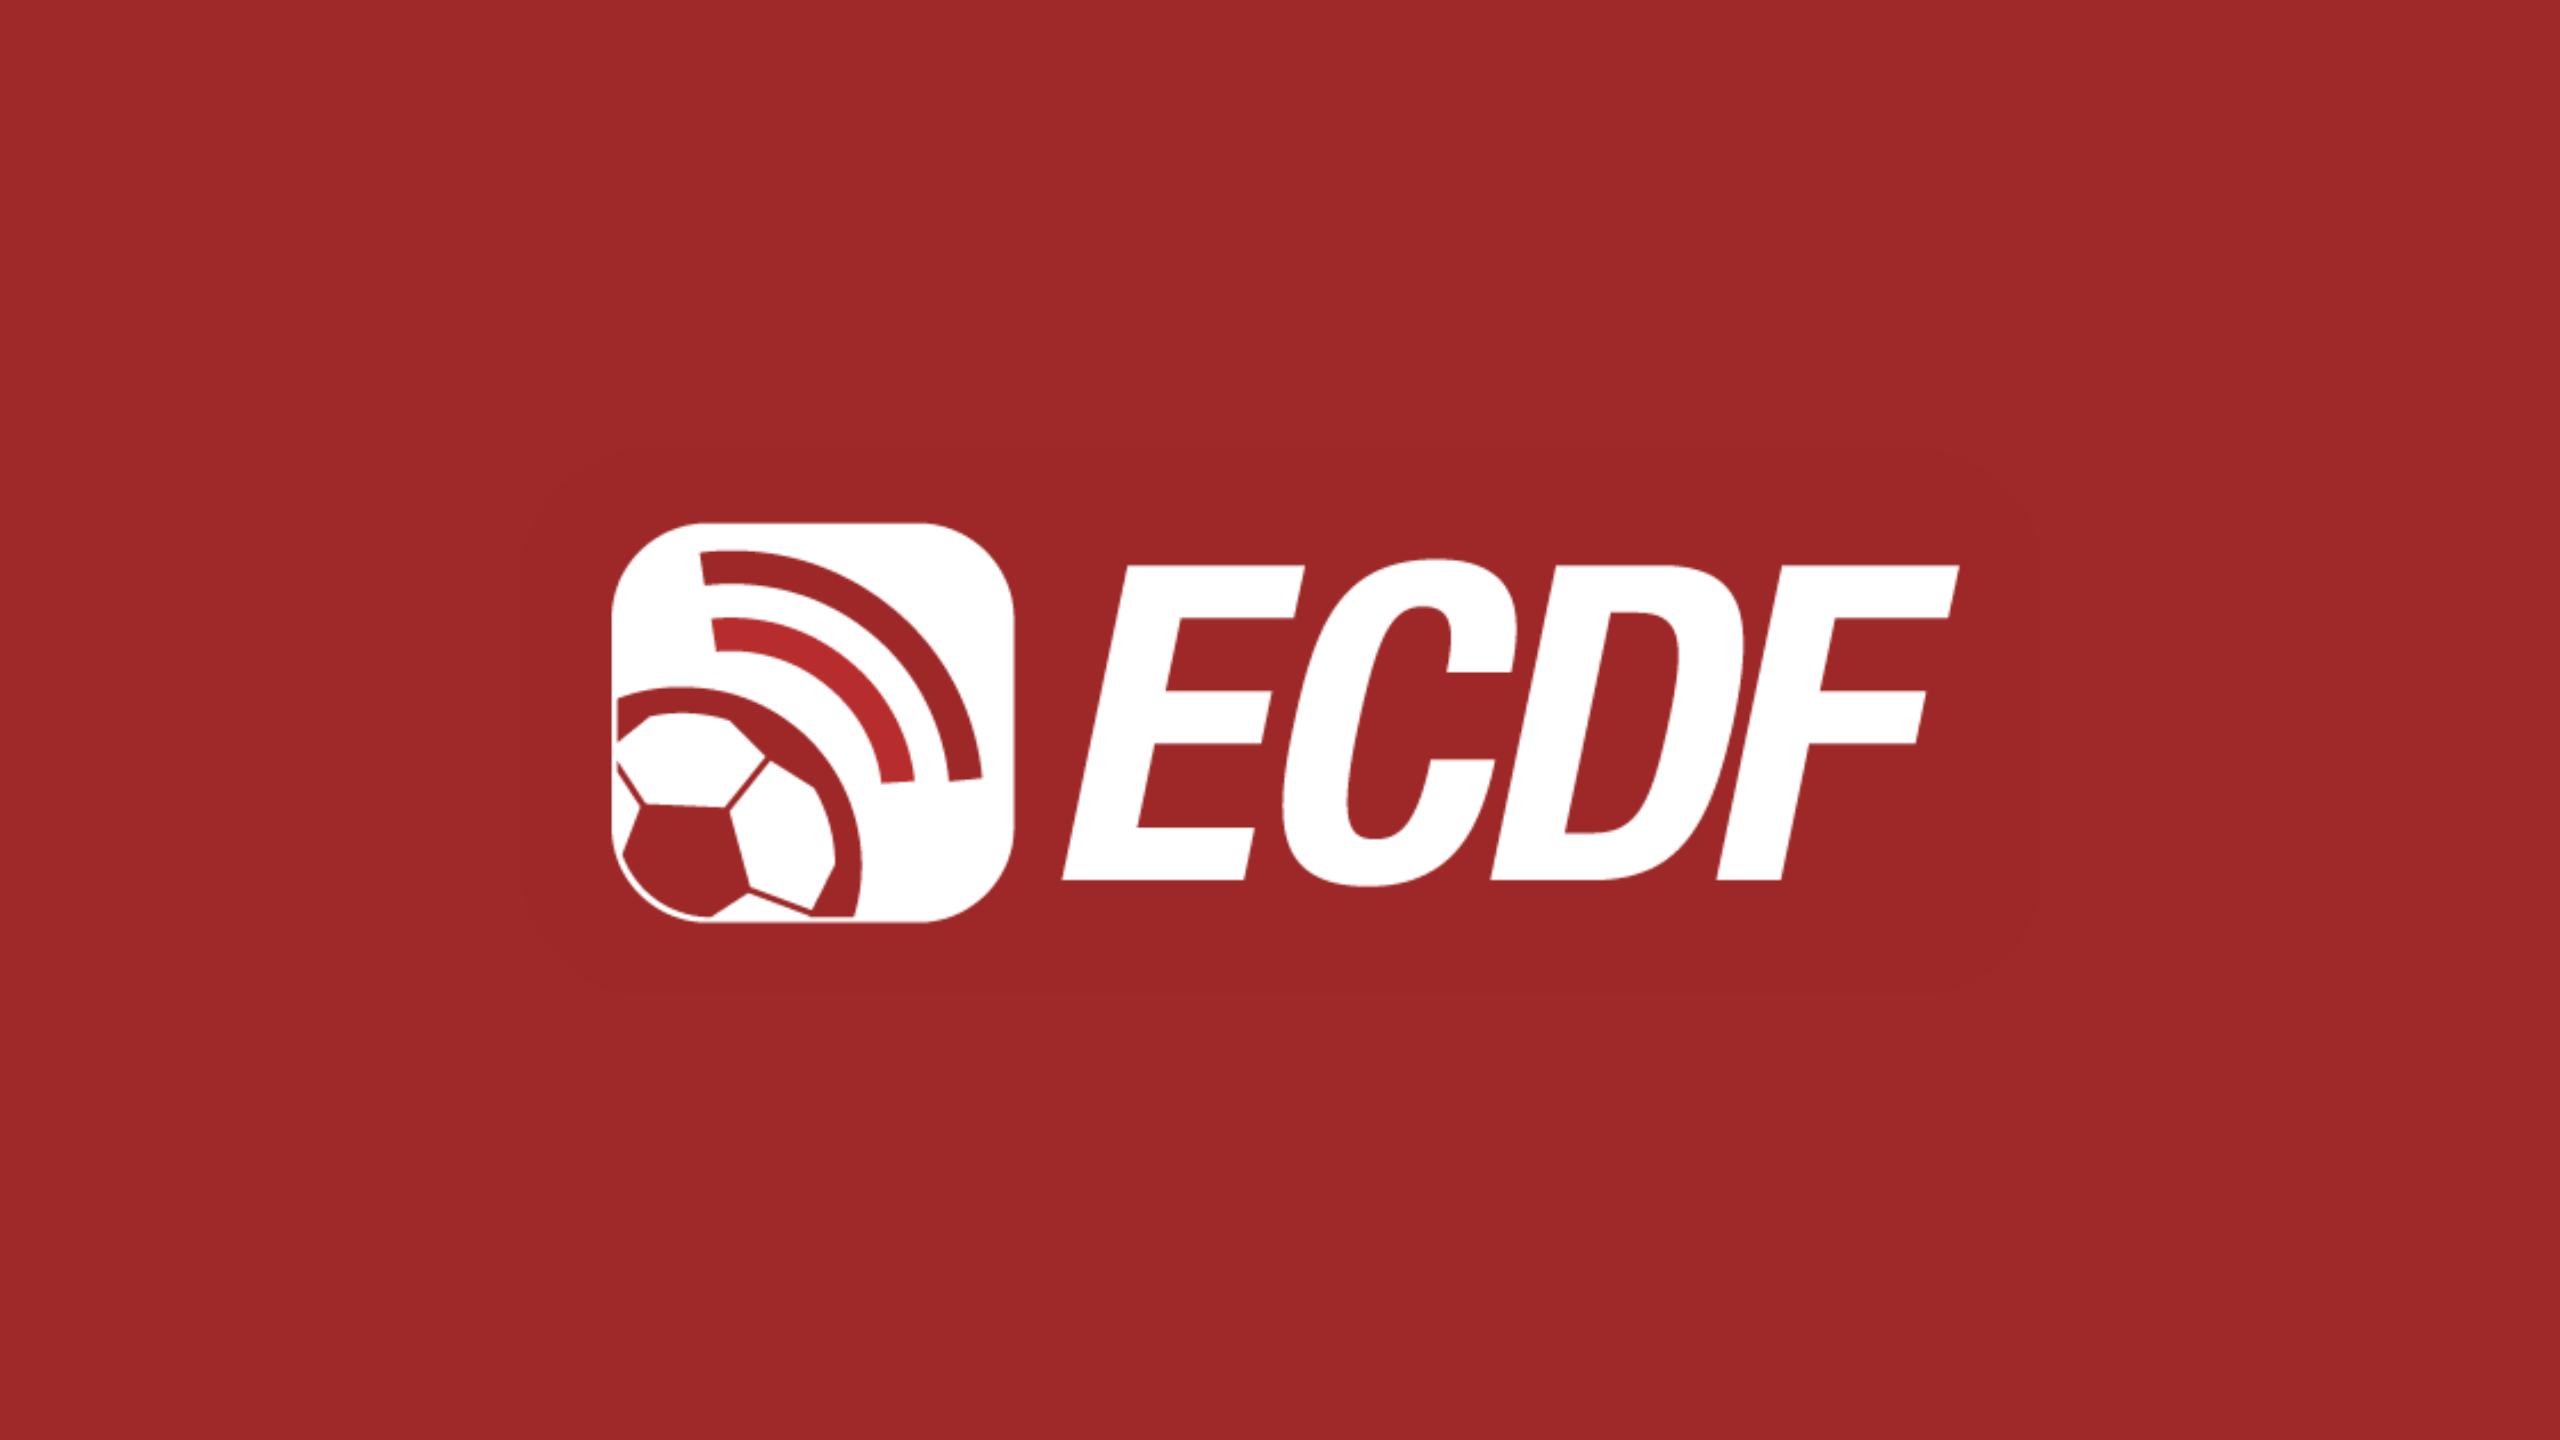 El Canal del Fútbol Ecuador (ECDF) Dónde ver los partidos de Ecuador online